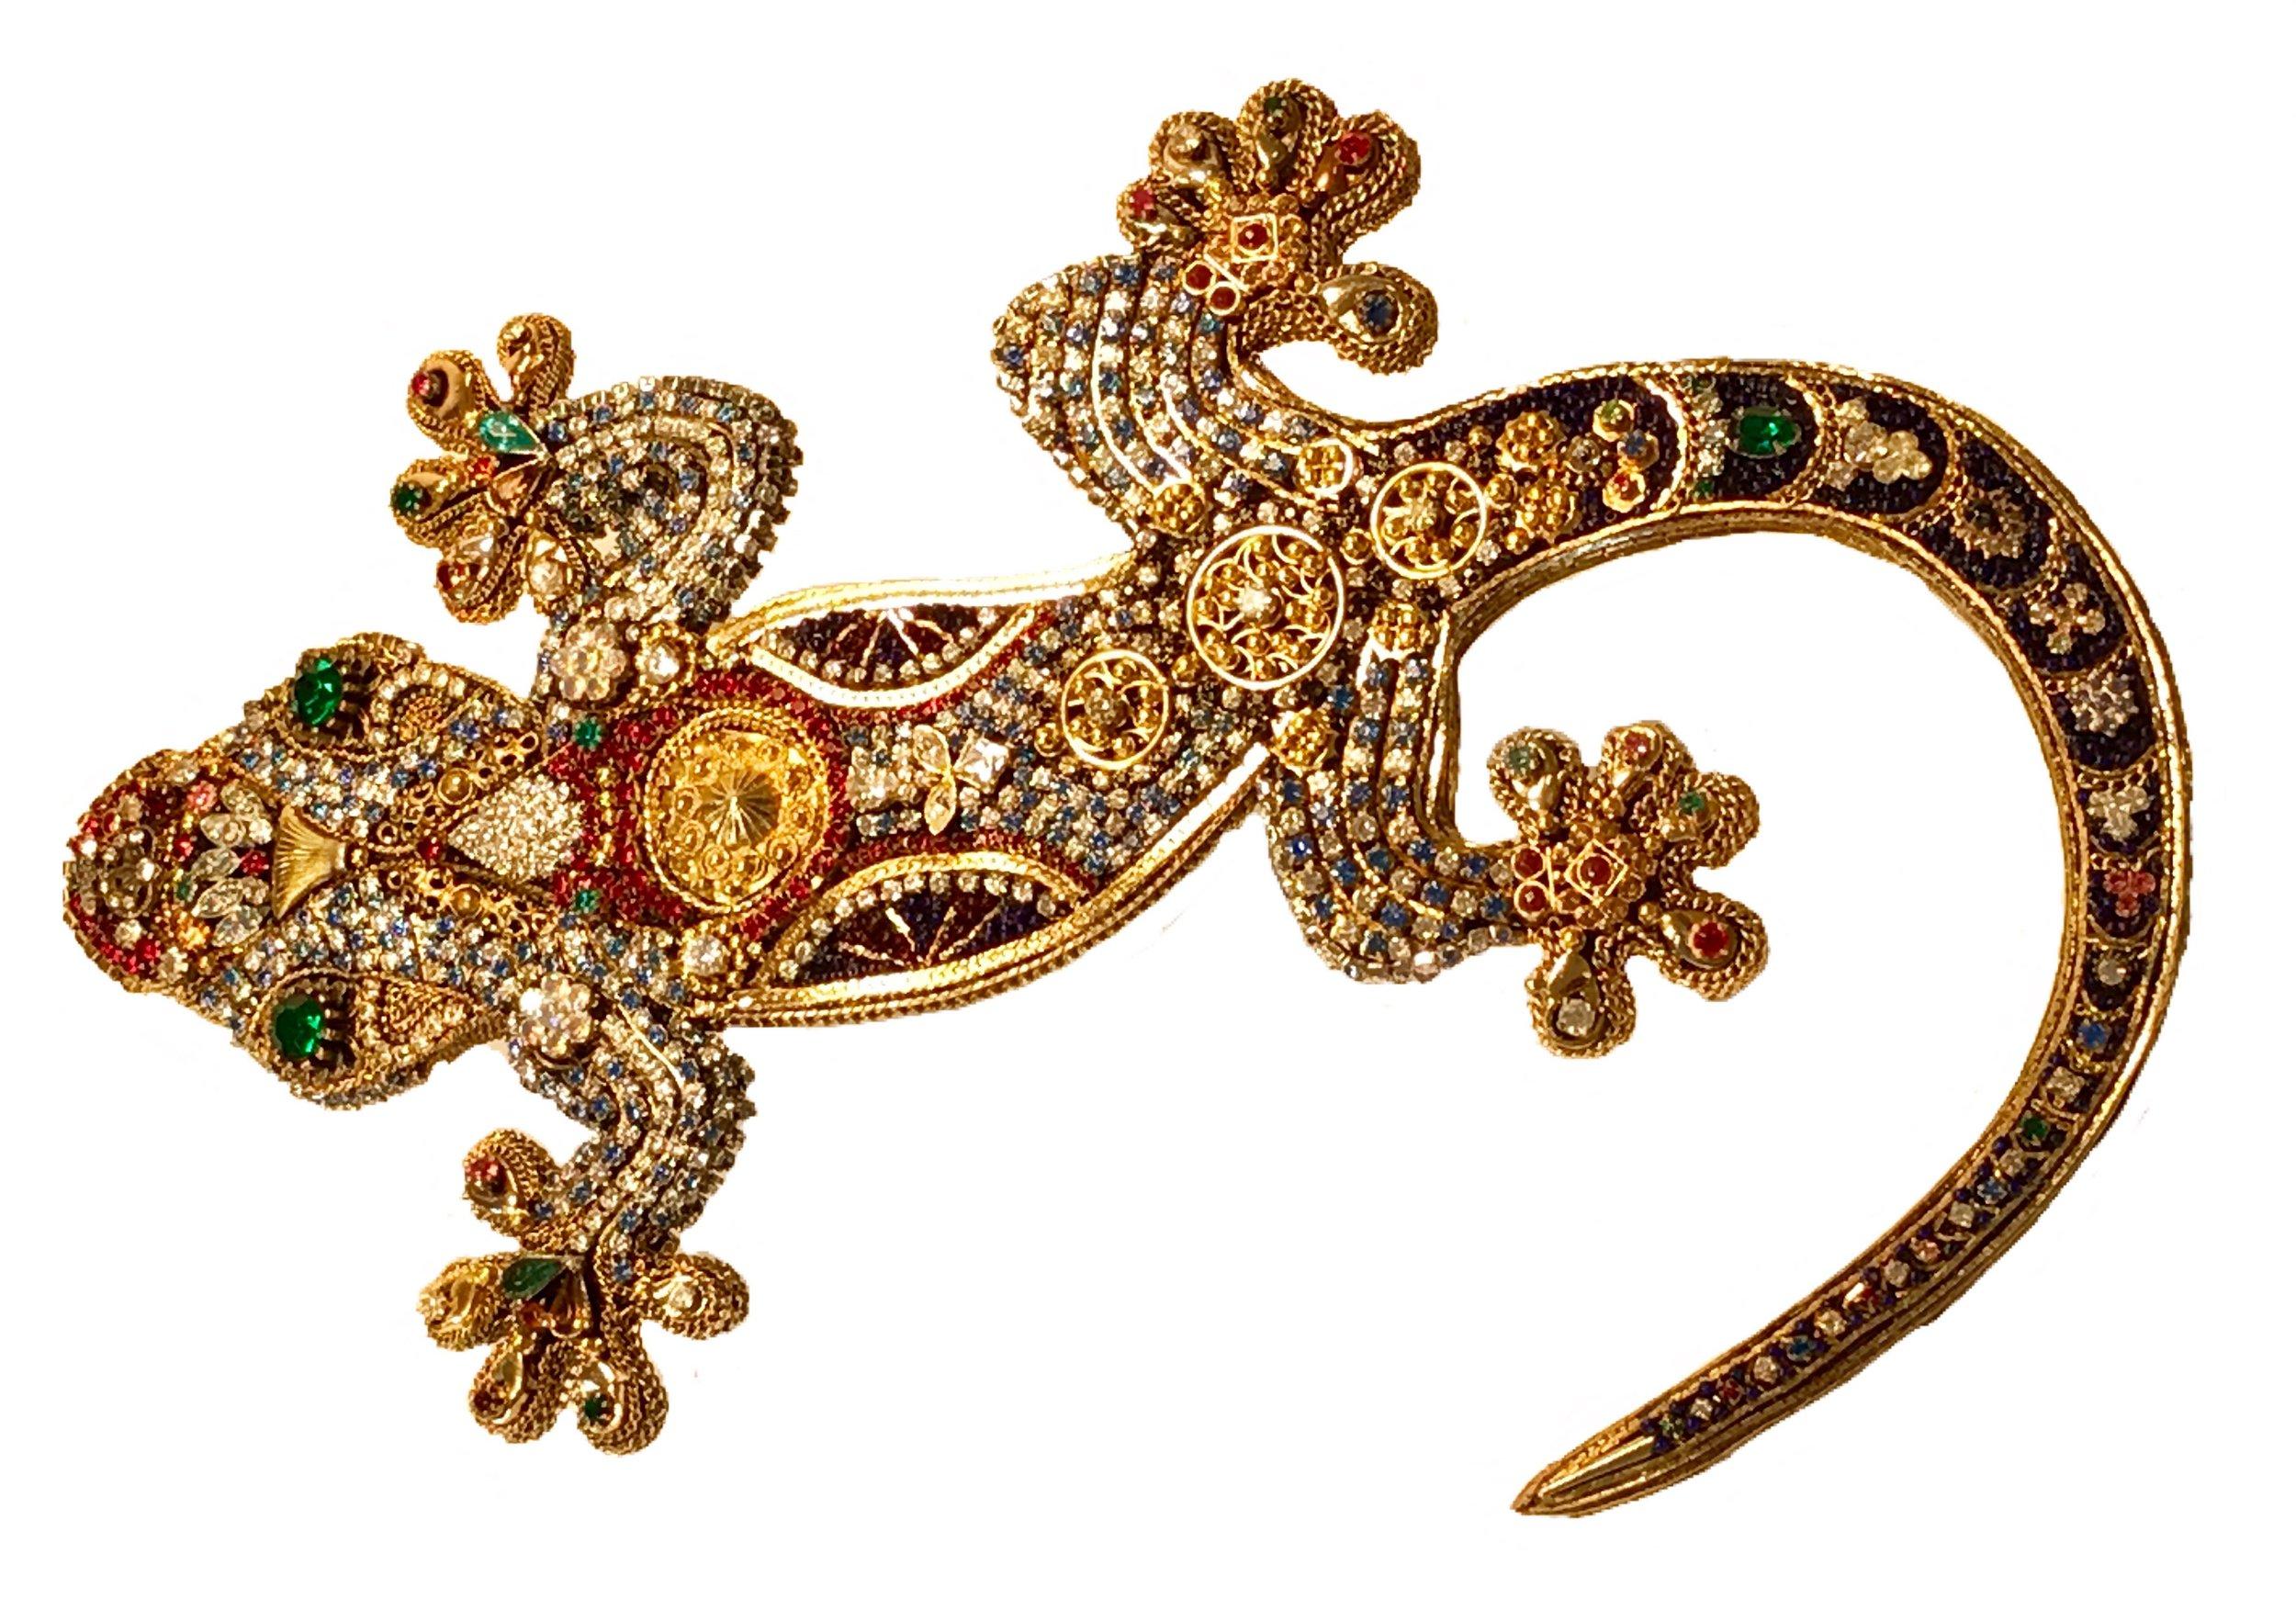 Jeweled Gecko